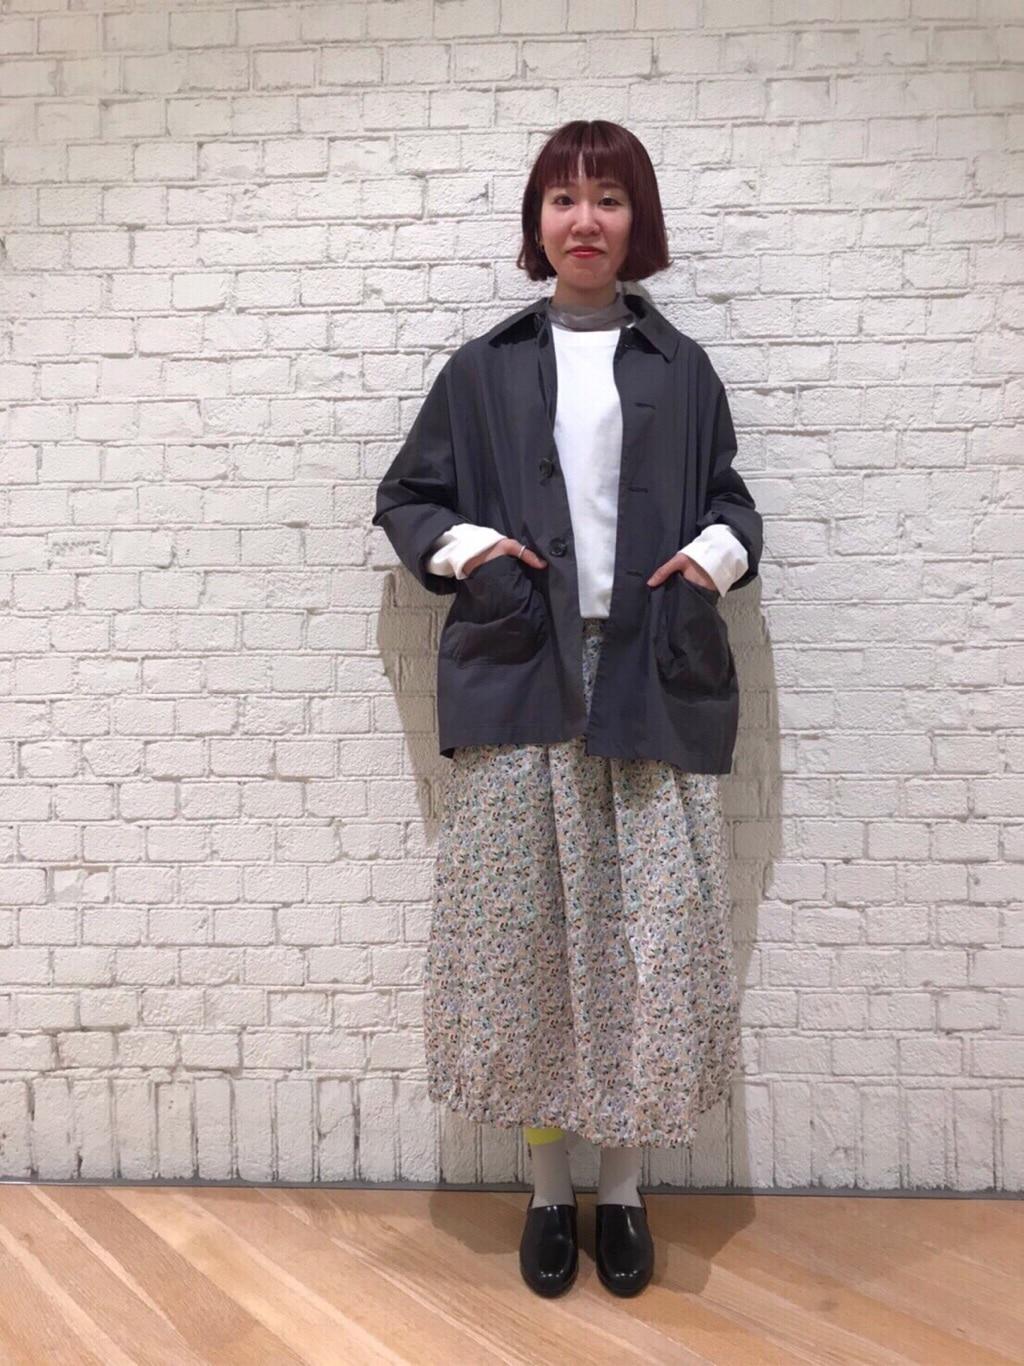 l'atelier du savon グランフロント大阪 身長:162cm 2020.04.18